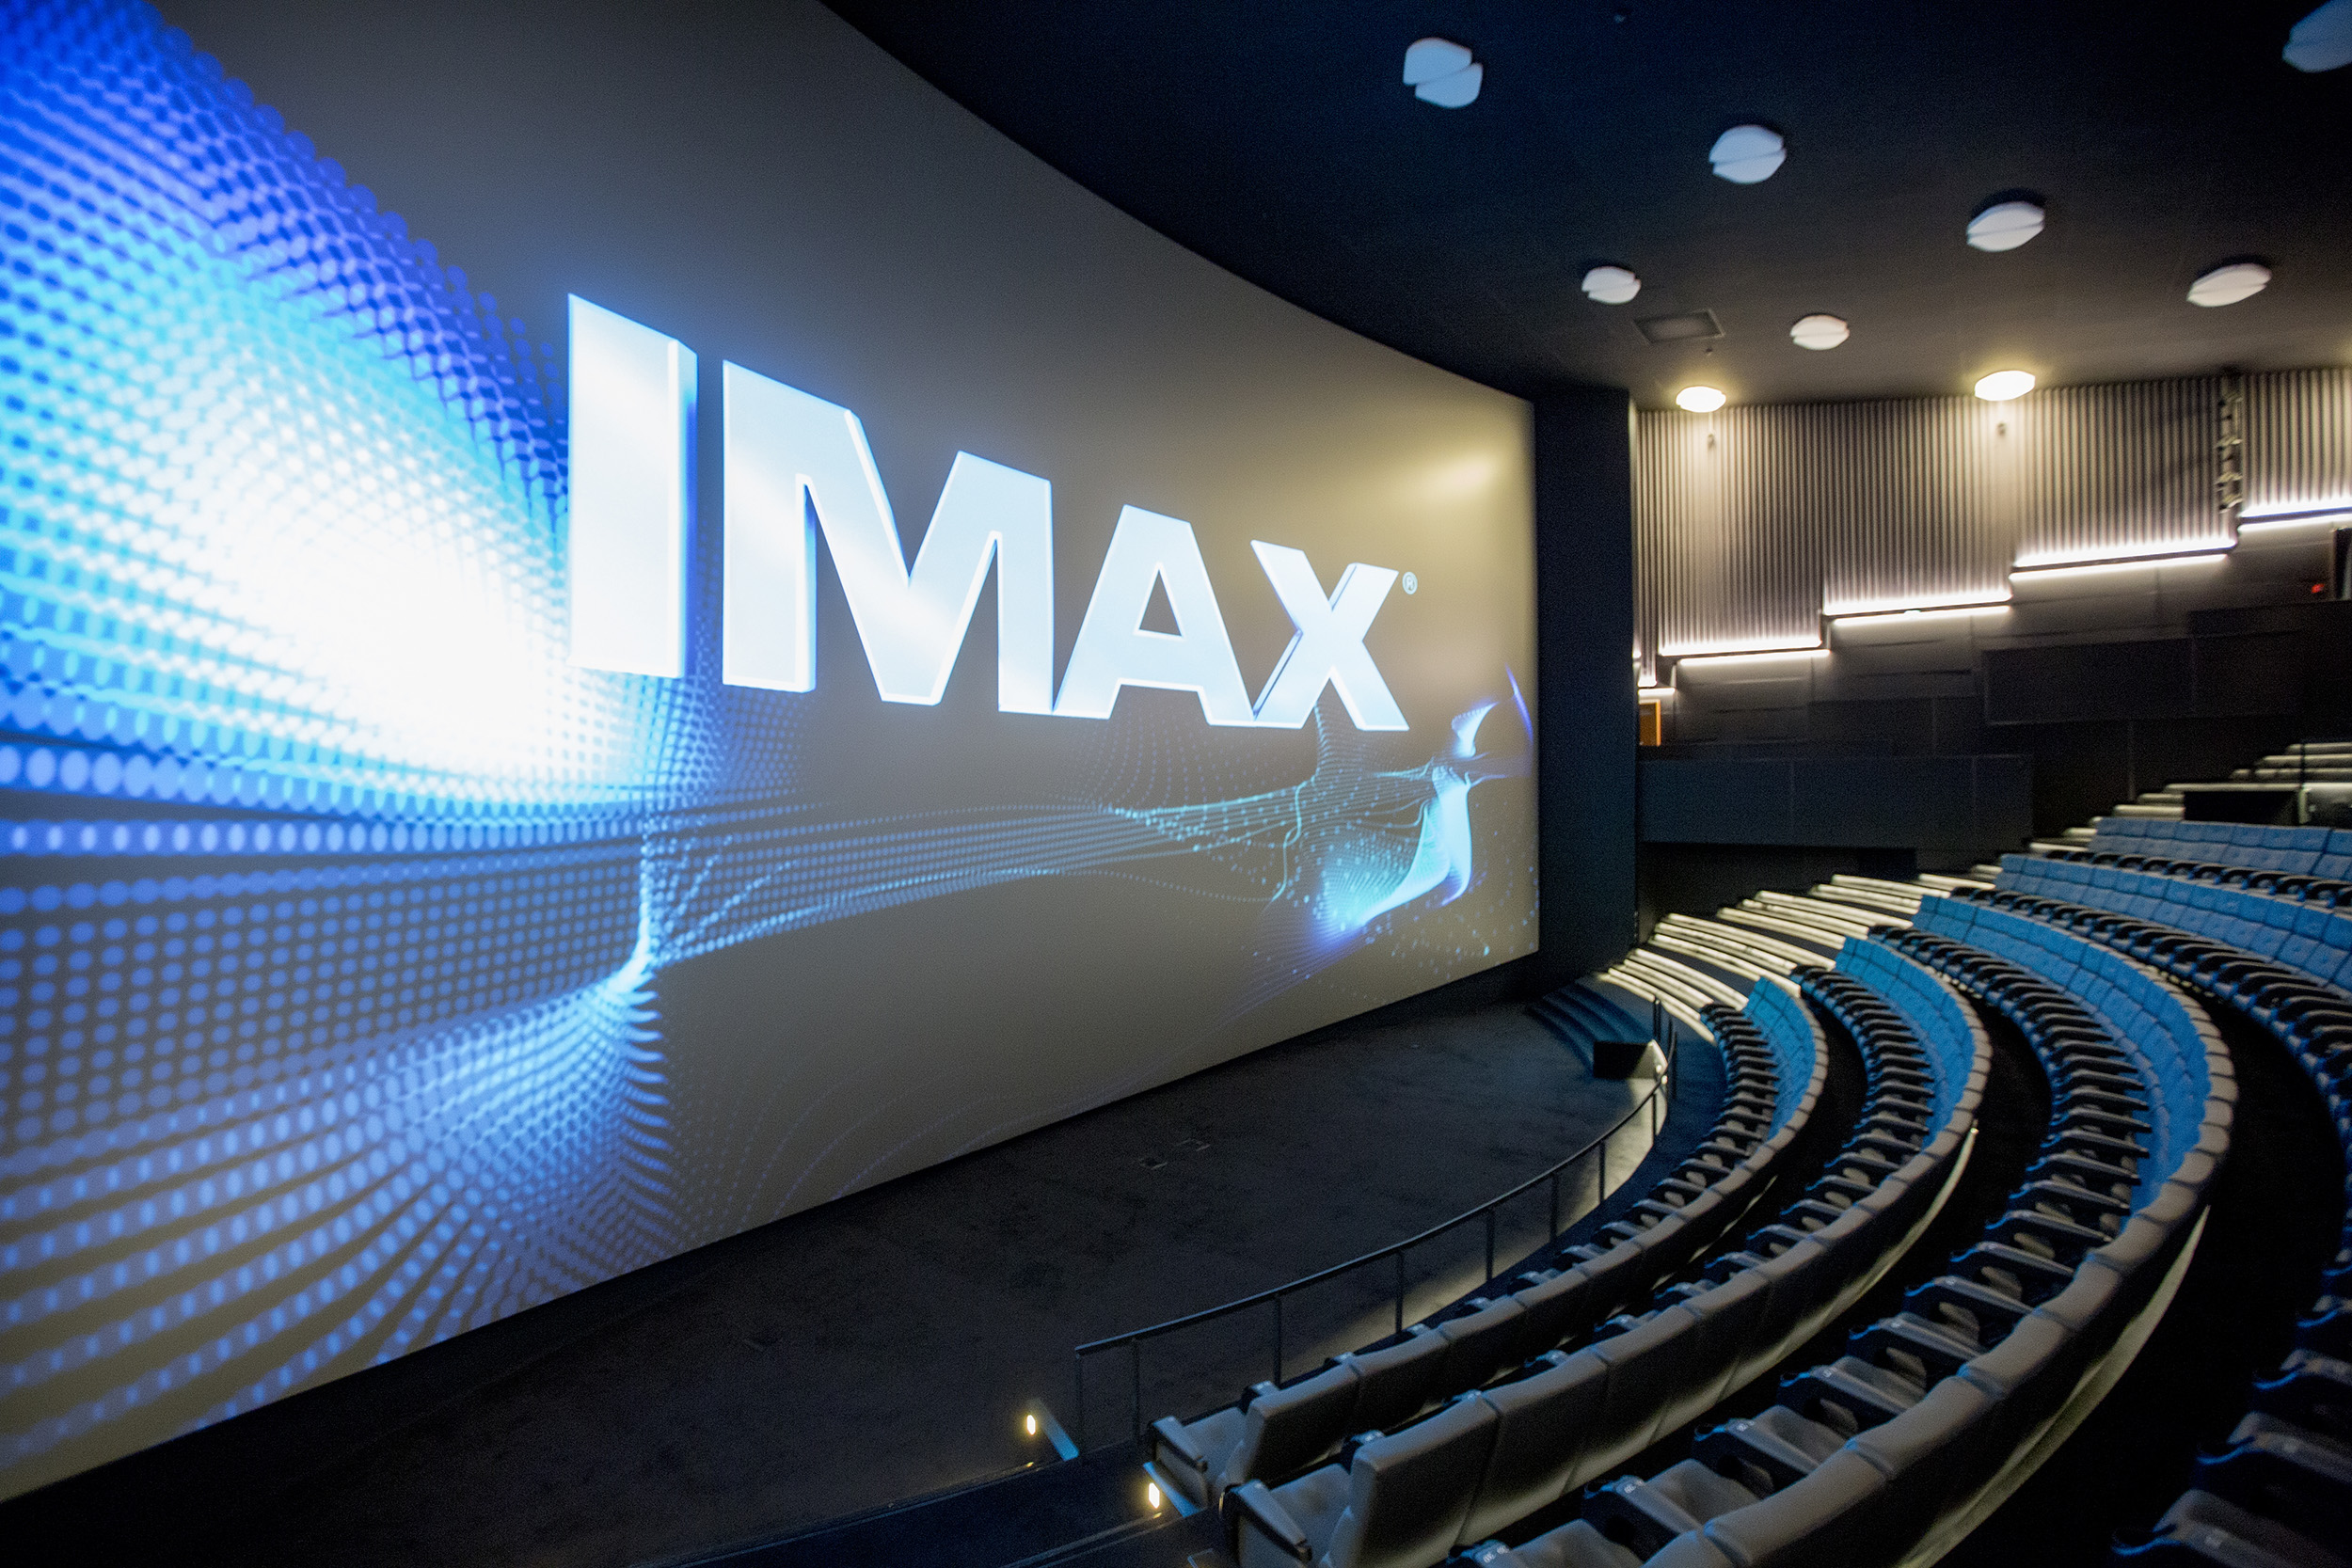 Imax Kinos